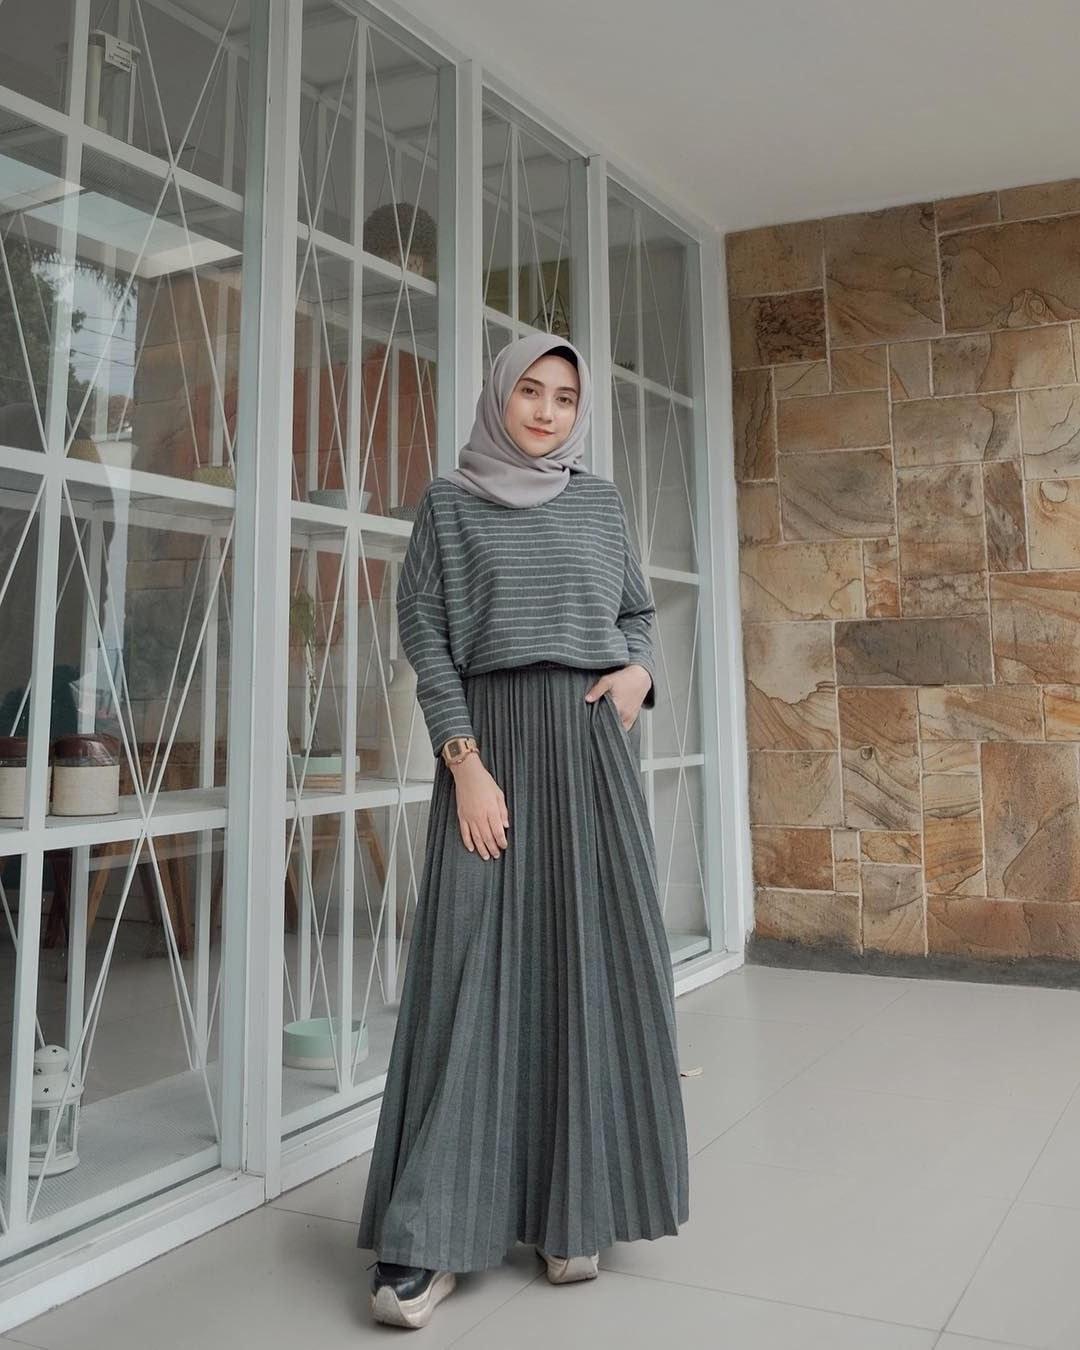 Bentuk Baju Lebaran 8ydm Baju Muslim Lebaran Terbaru 2019 Dengan Gambar